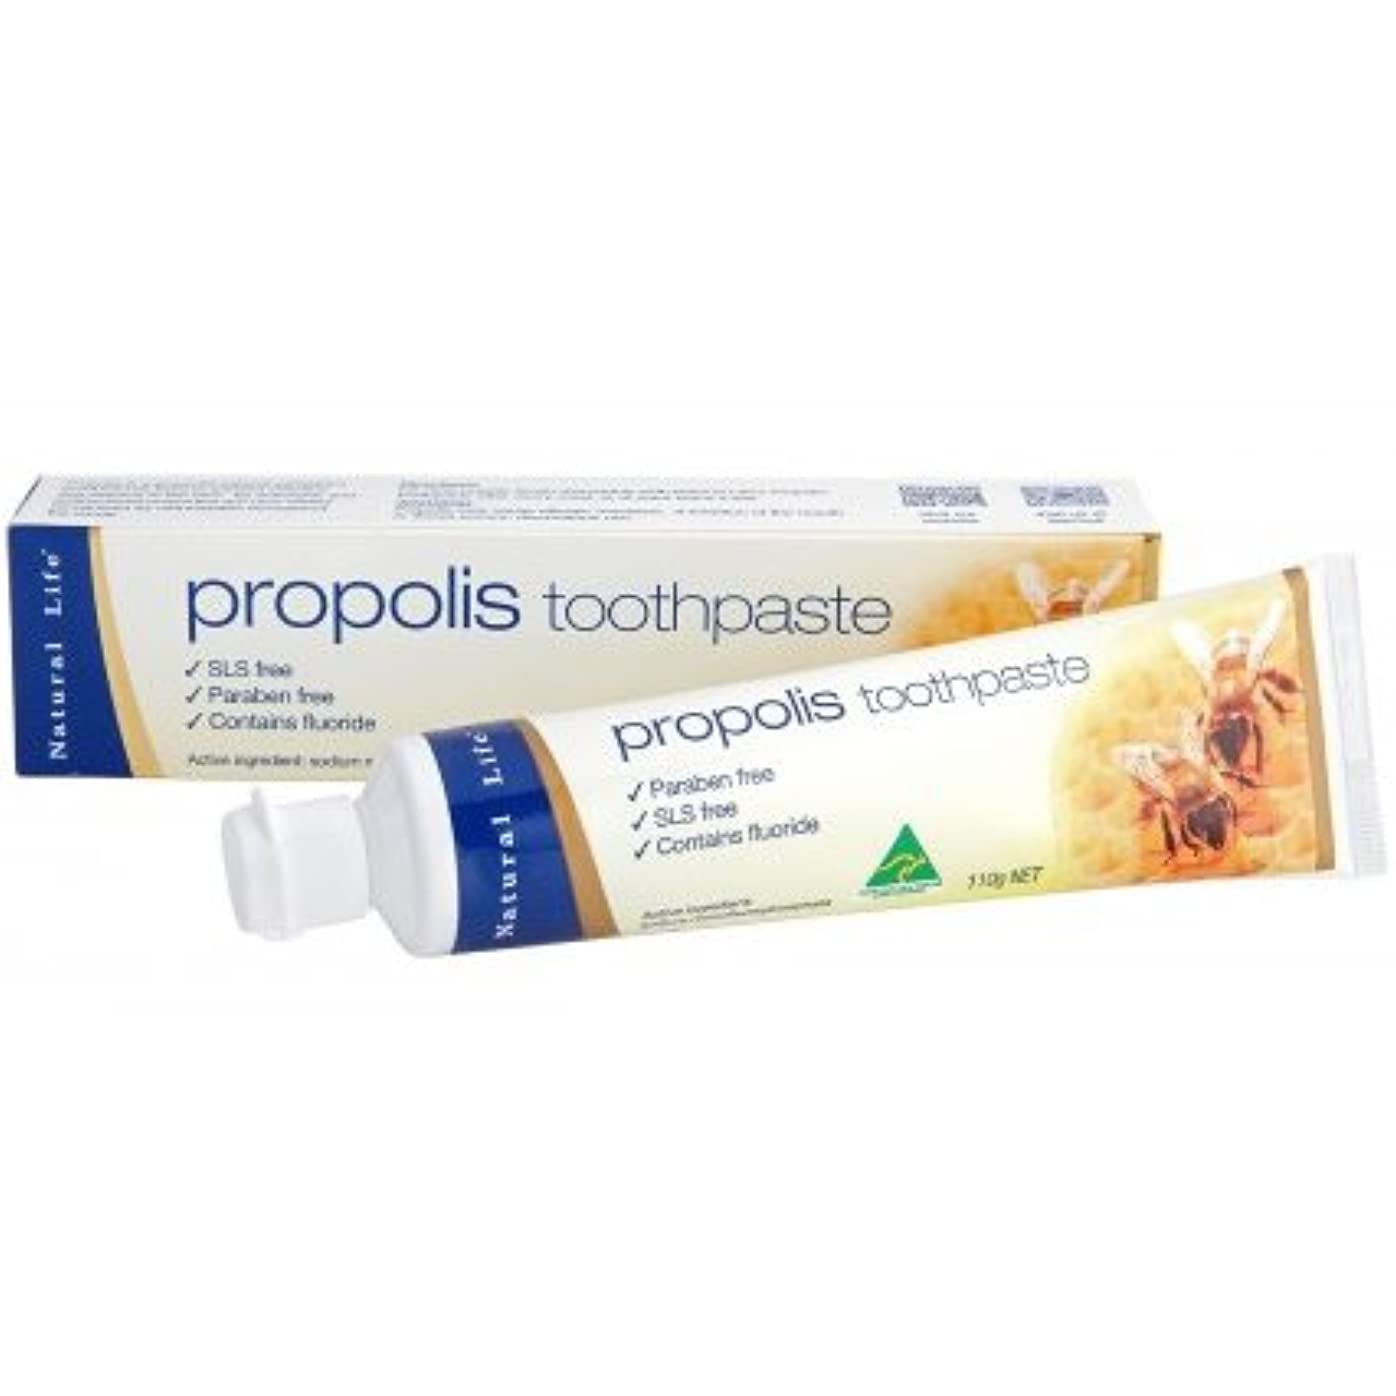 内向きカプラー近代化するプロポリス 歯磨き粉 110g オーストラリア産 [海外直送品]